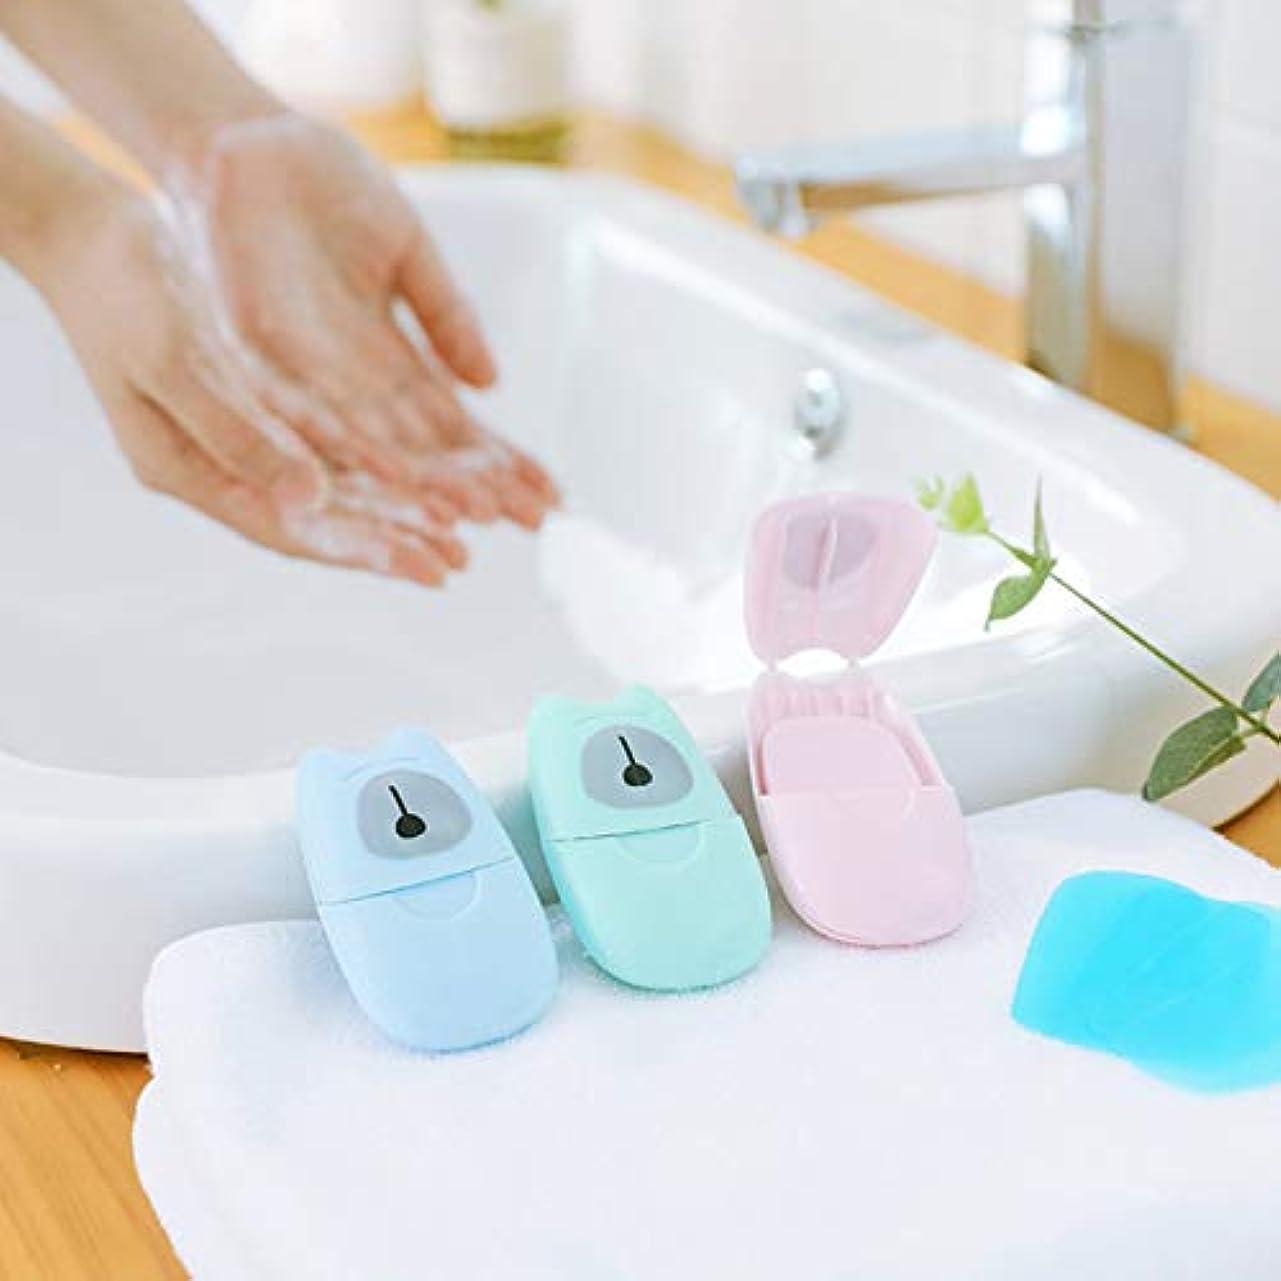 パス公高架箱入り石鹸紙旅行ポータブル屋外手洗い石鹸の香りのスライスシート50ピースプラスチックボックス付きミニ石鹸紙(色:緑)